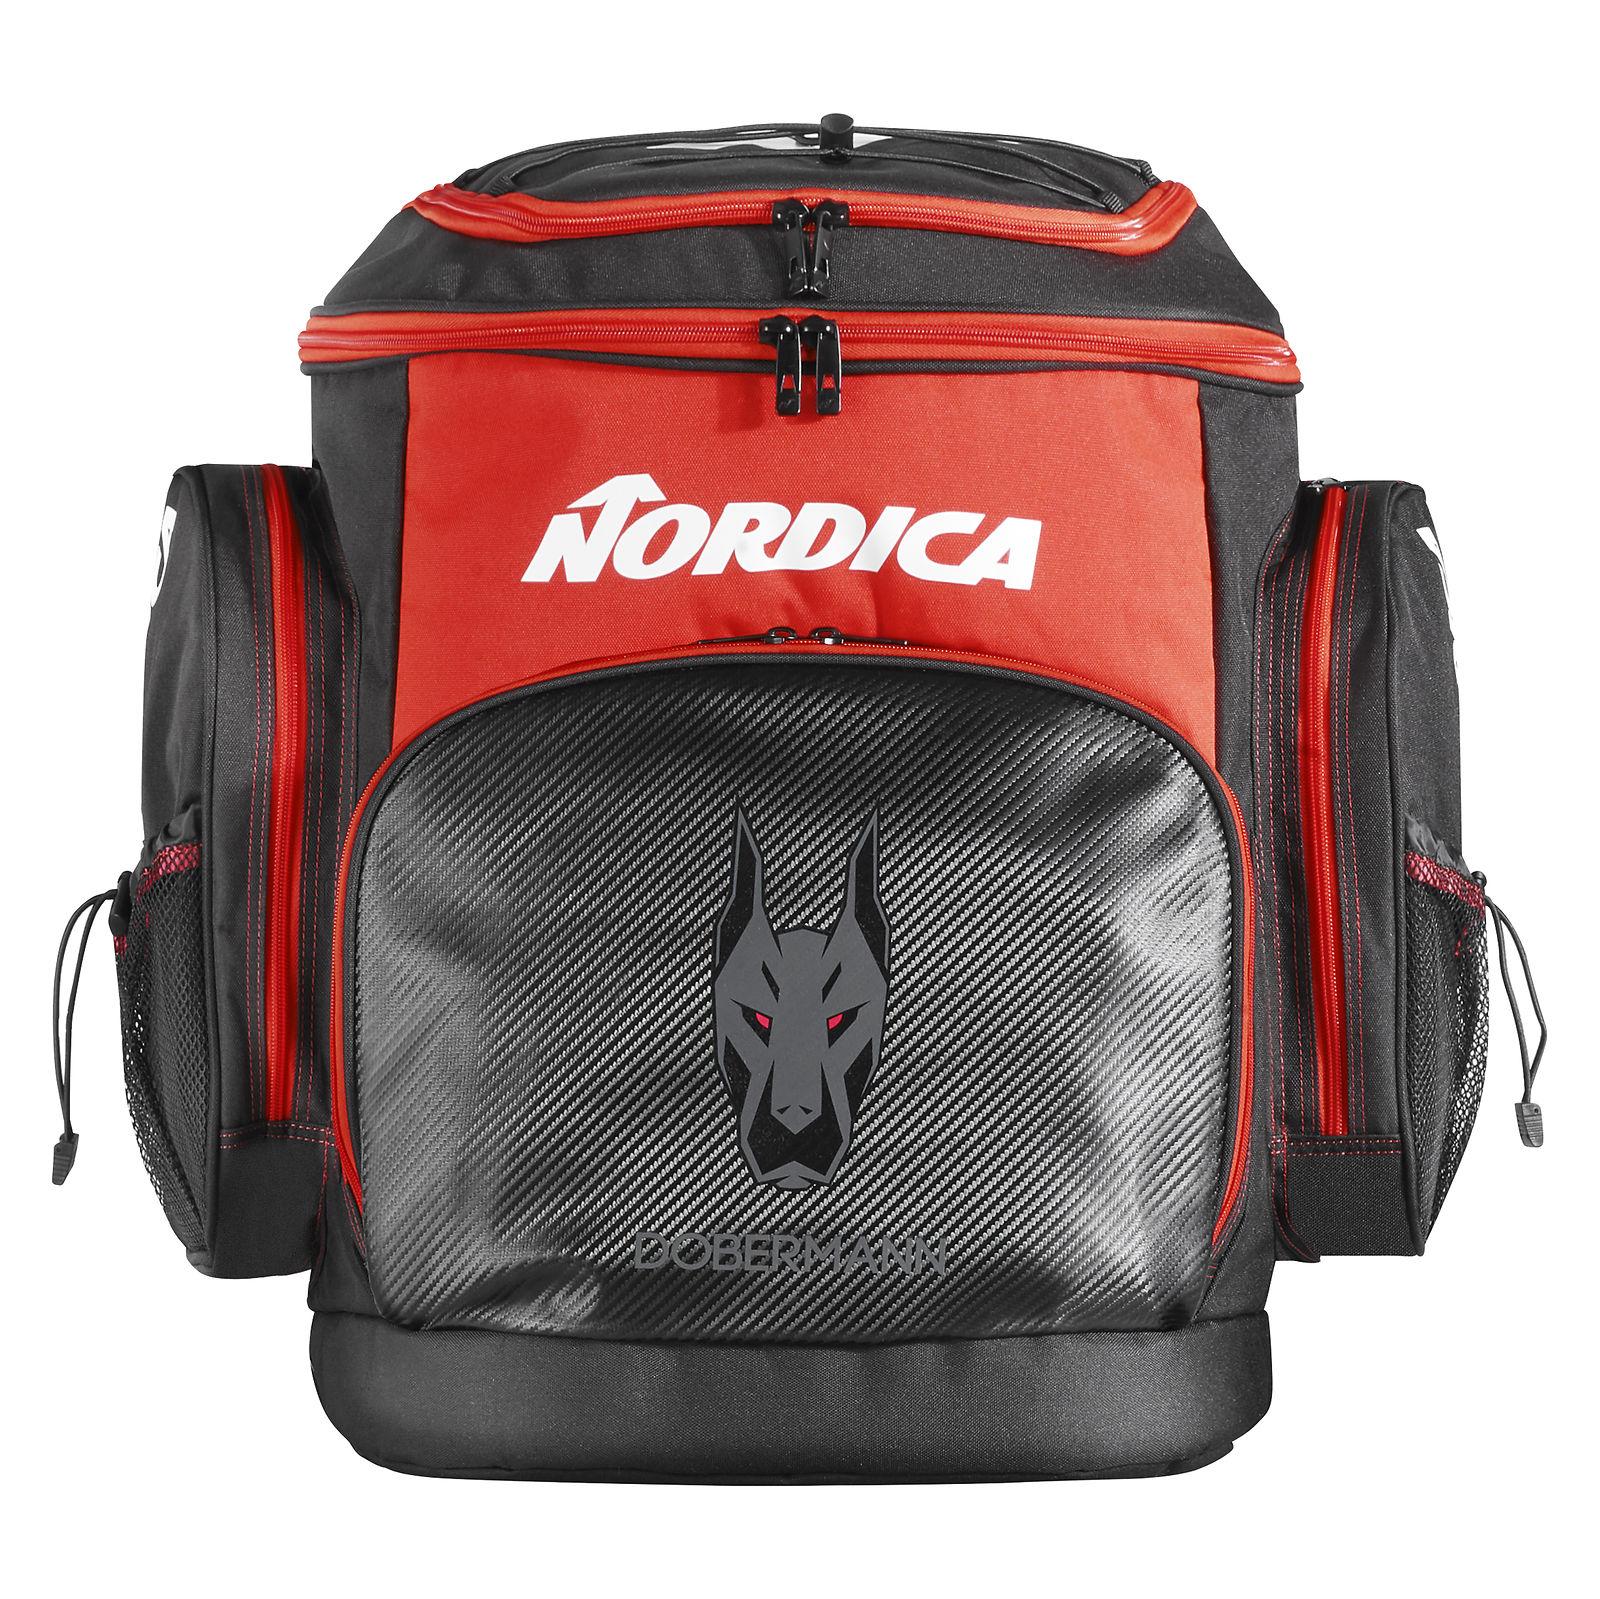 Plecak narciarski Nordica Doberman race XL